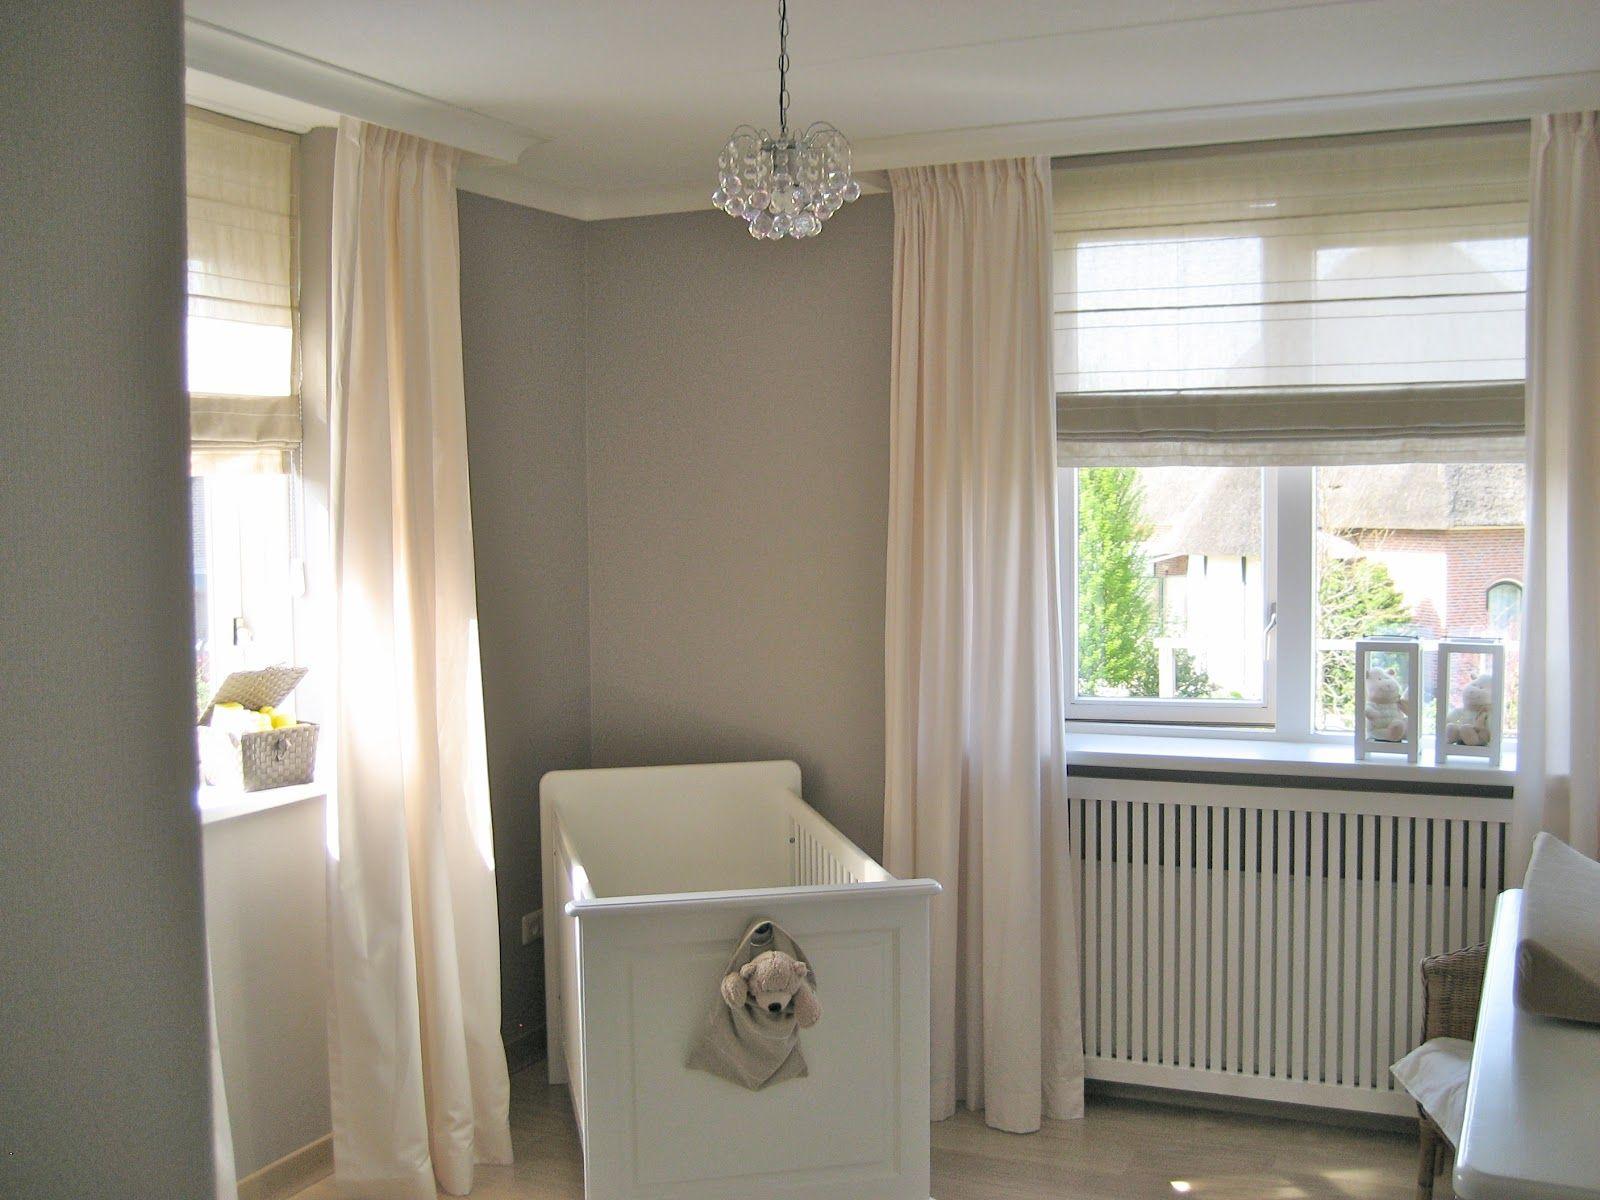 Rolgordijn Babykamer Inspiratie : Babykamer naturel beige taupe baby nursery room baby room